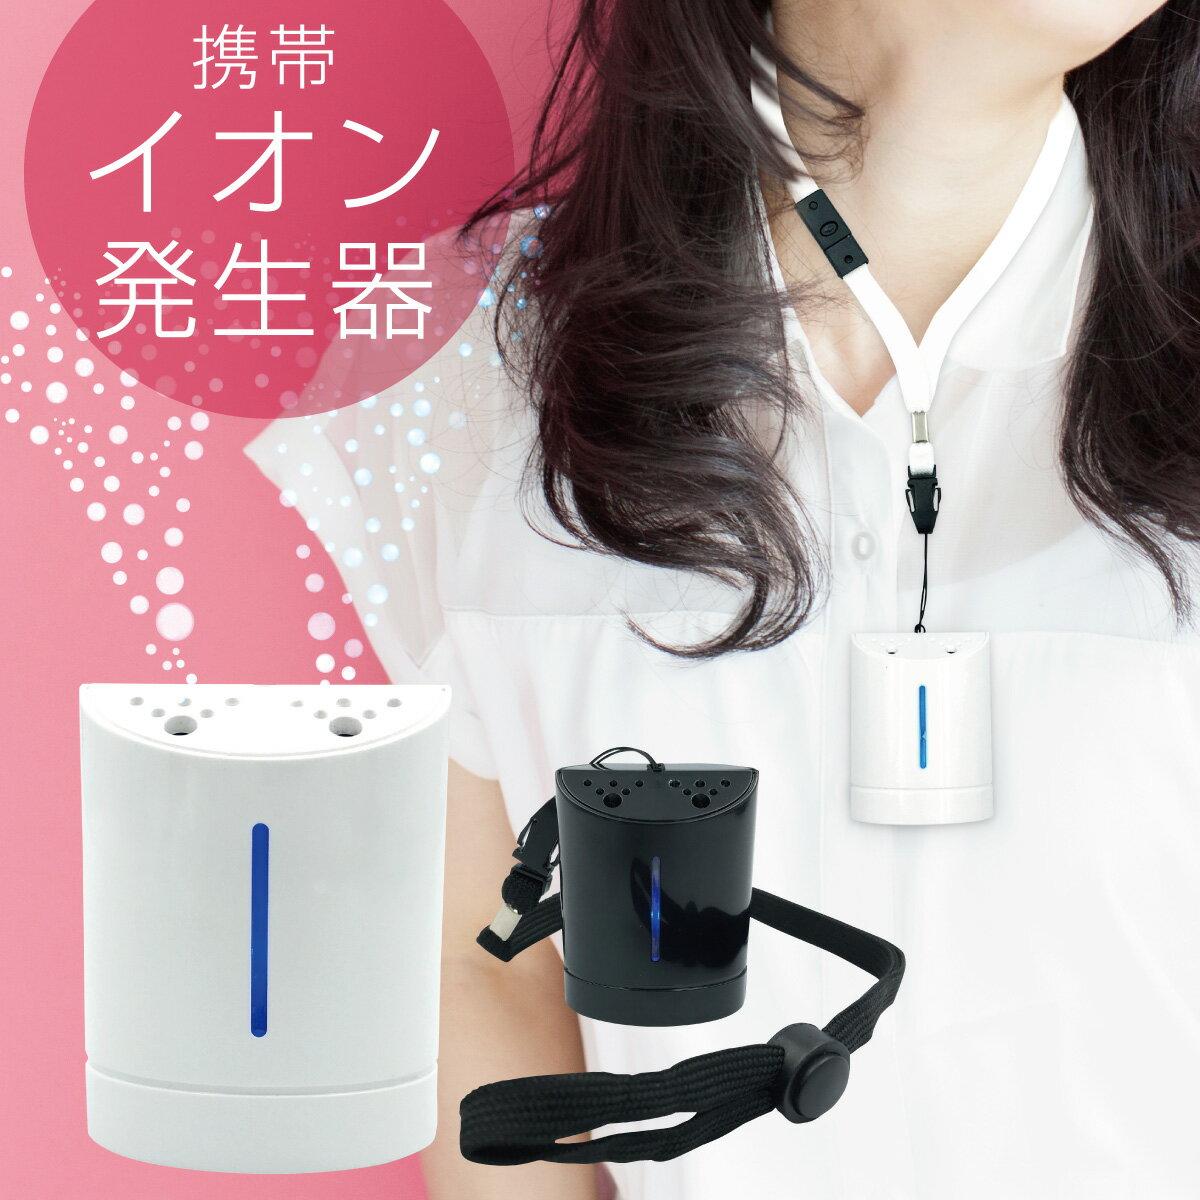 イオン発生機 携帯 空気清浄機 花粉対策 air-p